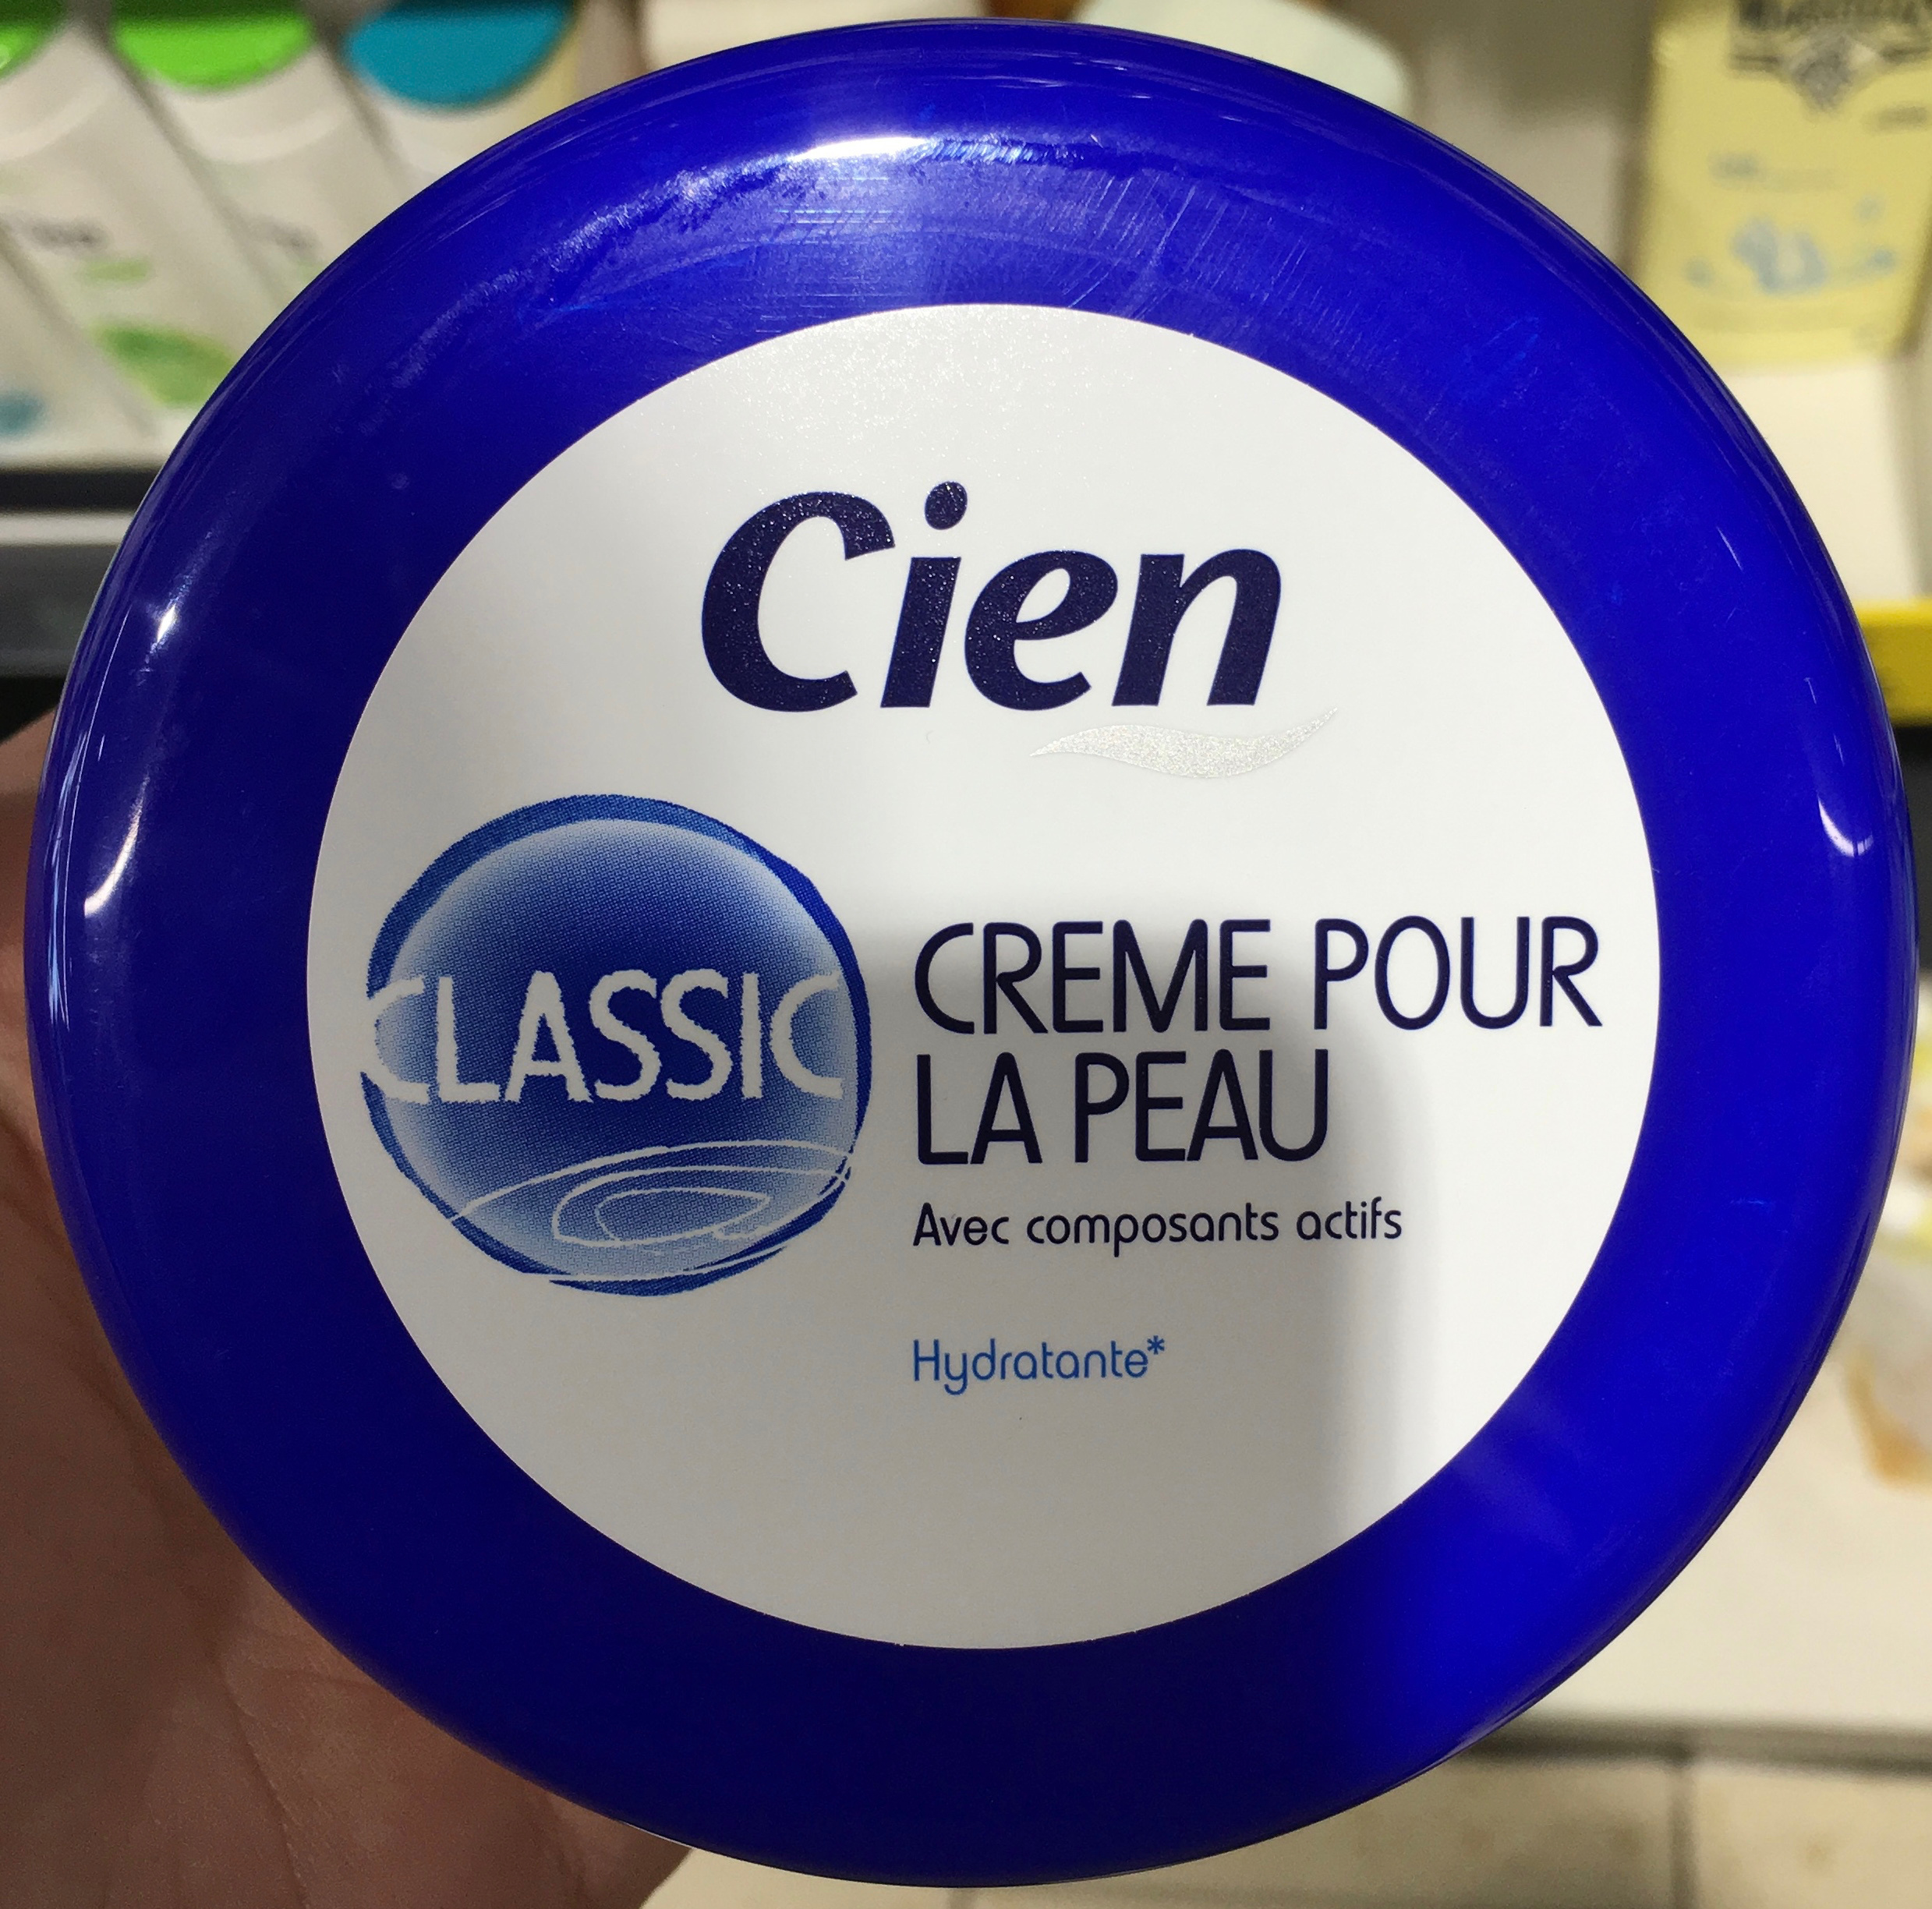 Crème pour la peau Classic - Product